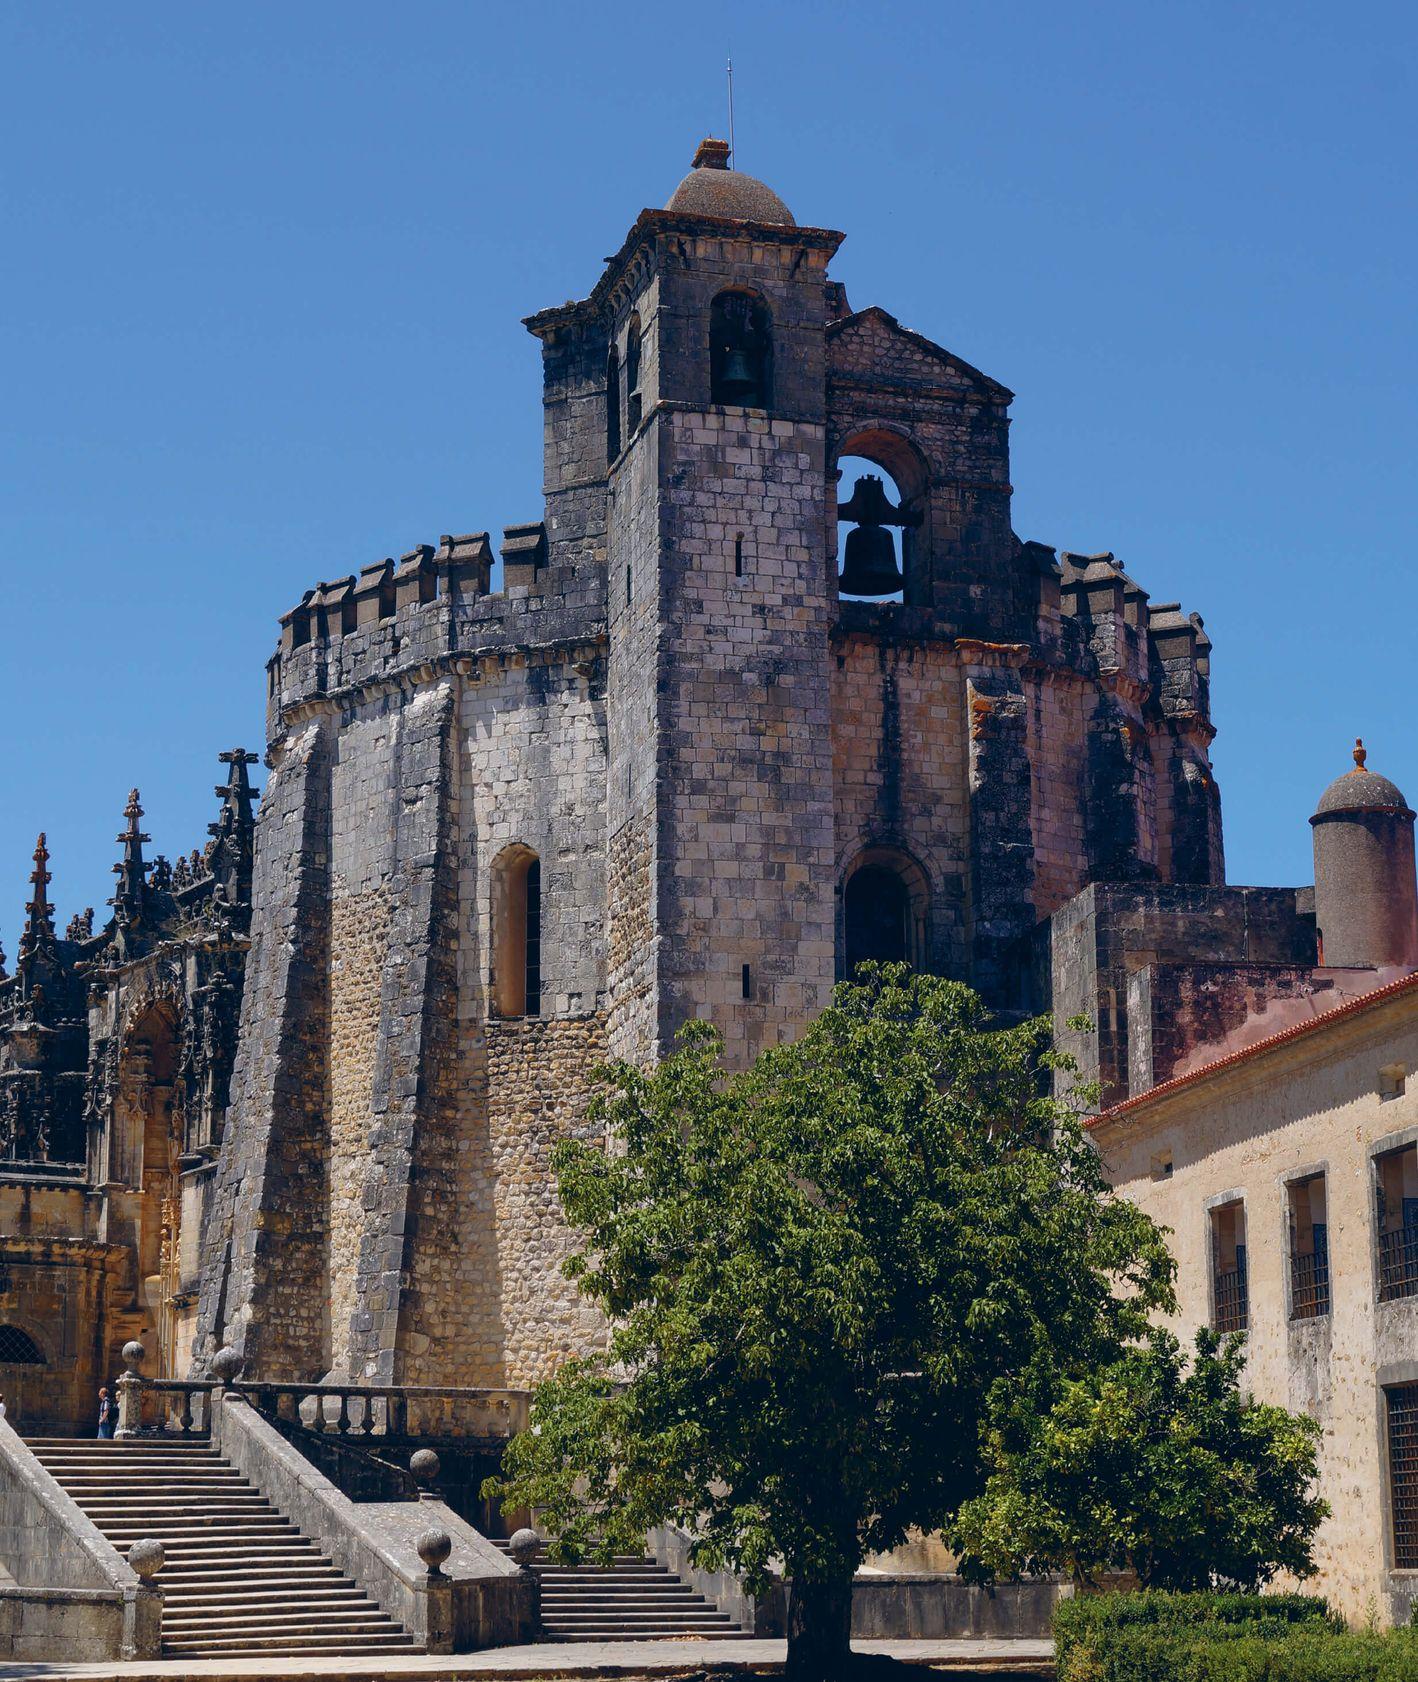 Przewodnik po Portugalii (fot. Bartek Kieżun)